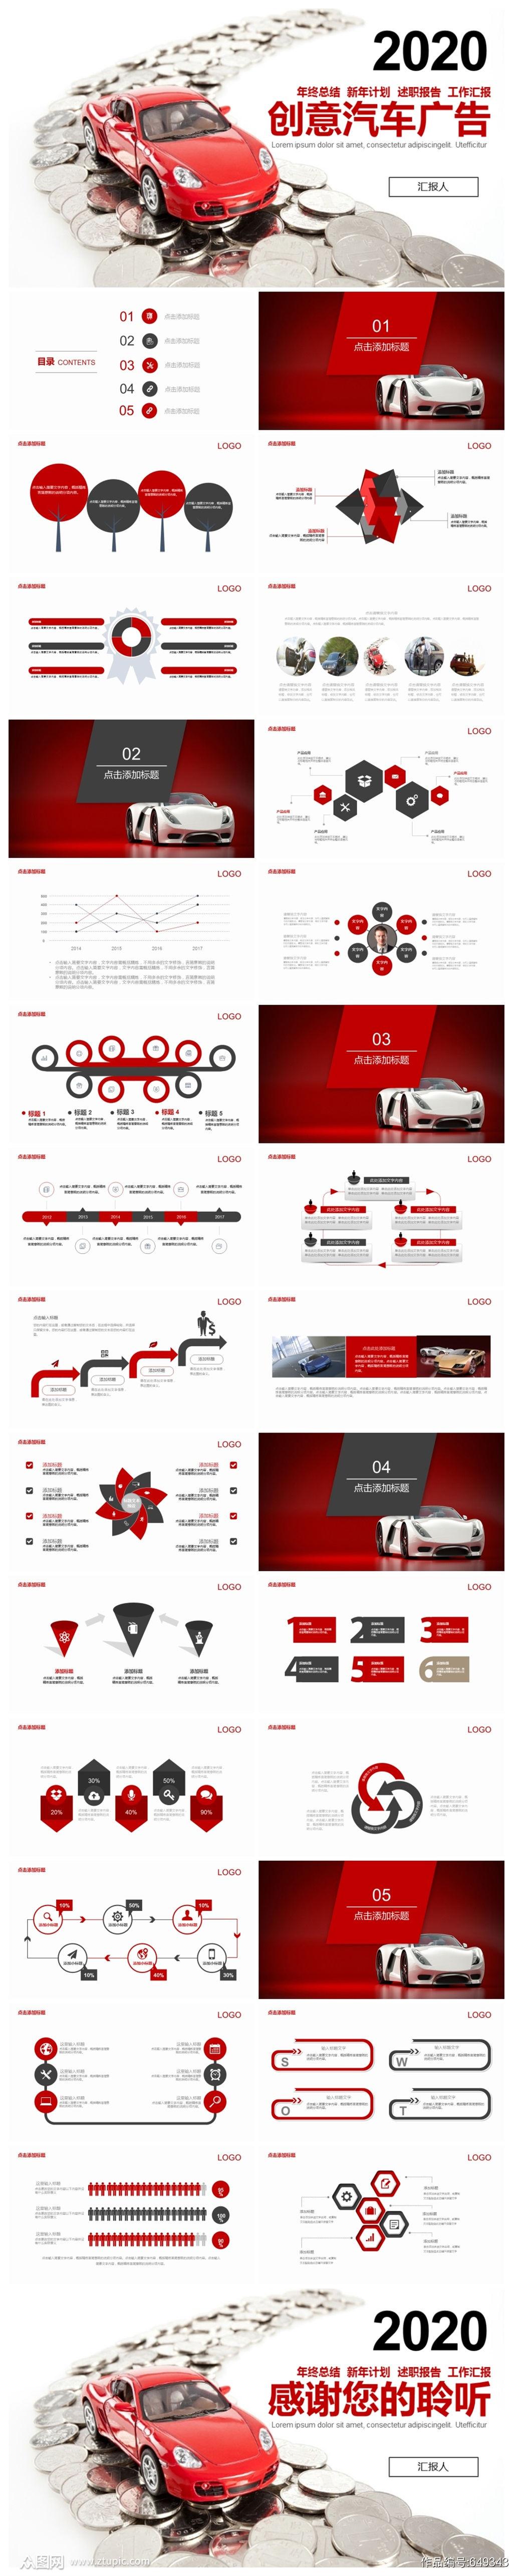 创意汽车广告PPT模板设计素材